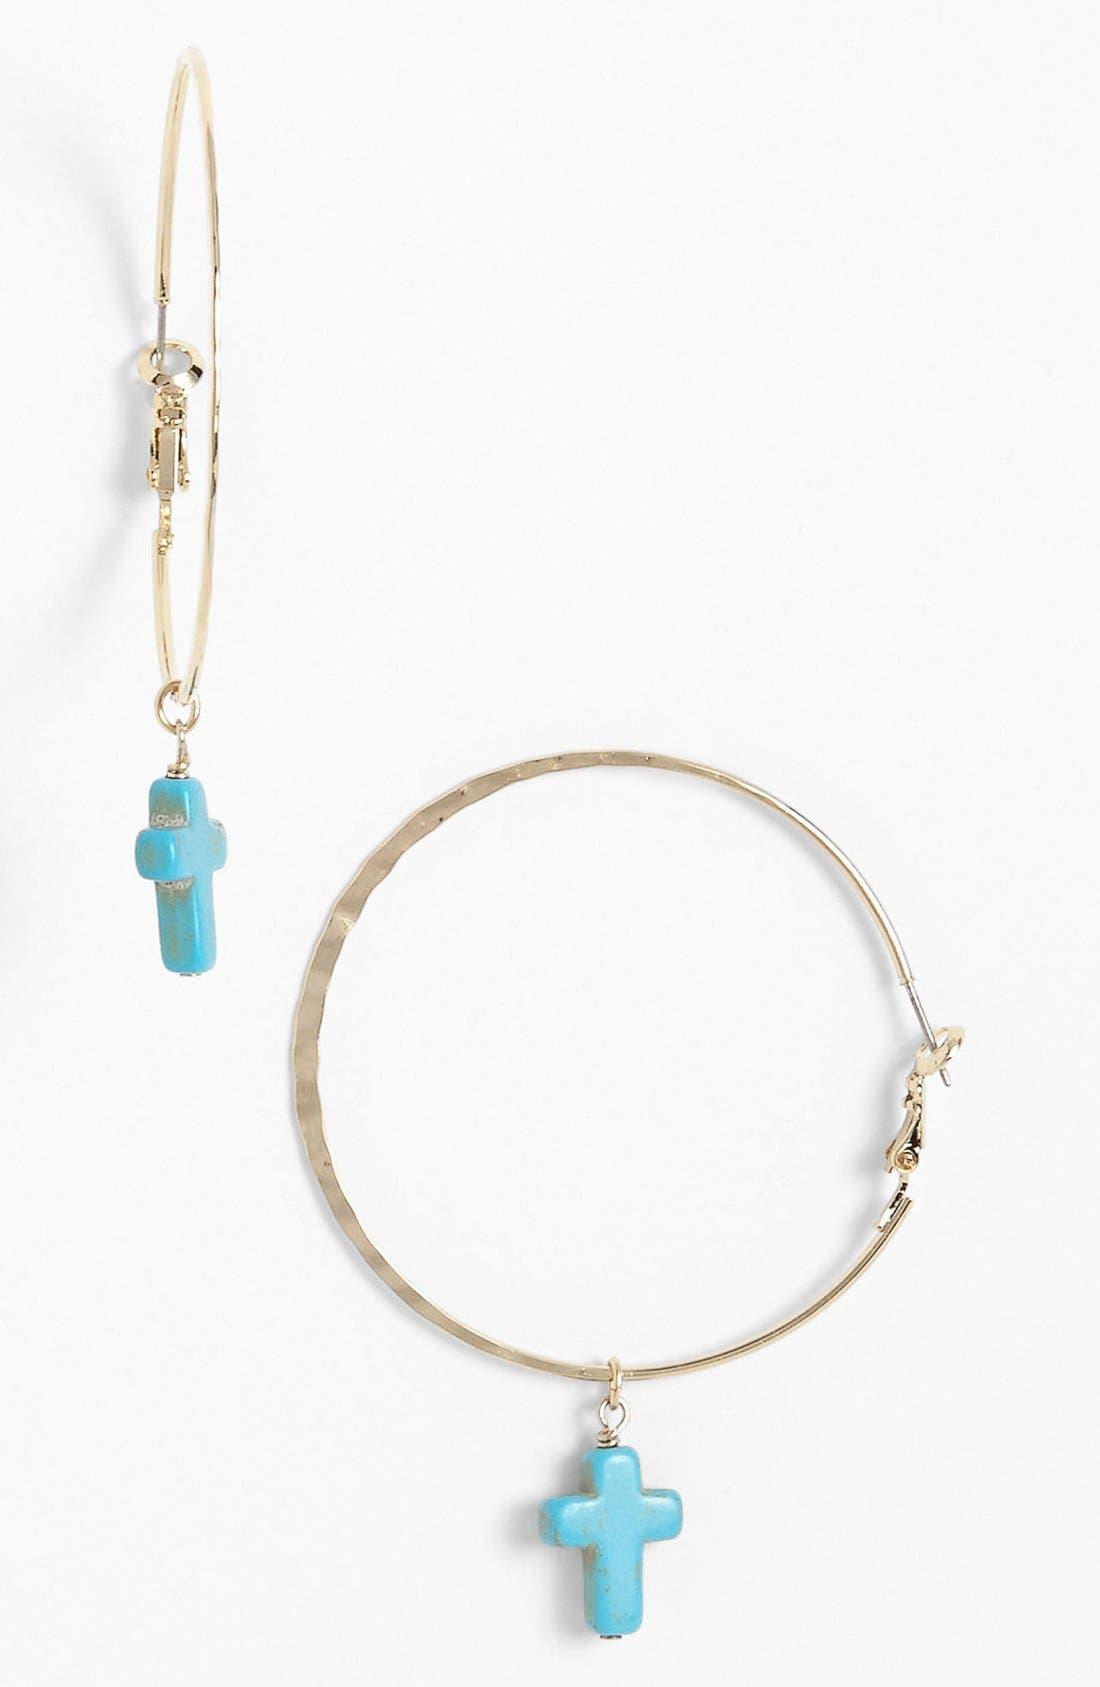 Alternate Image 1 Selected - Rachel Cross Charm Hoop Earrings